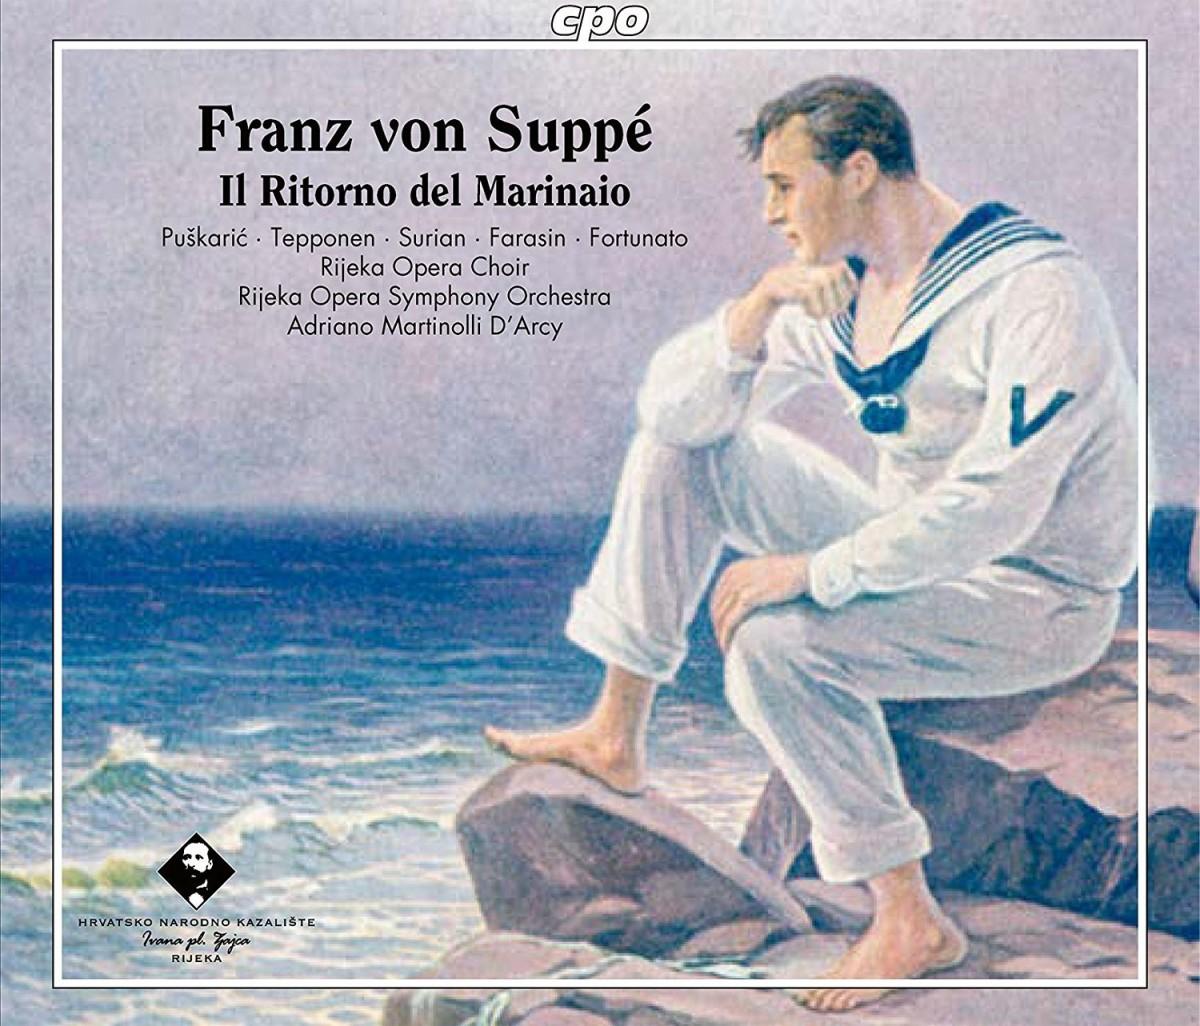 """Suppé's Romantic opera """"Il Ritorno del Marinaio,"""" recorded in Rijeka. (Photo: cpo)"""